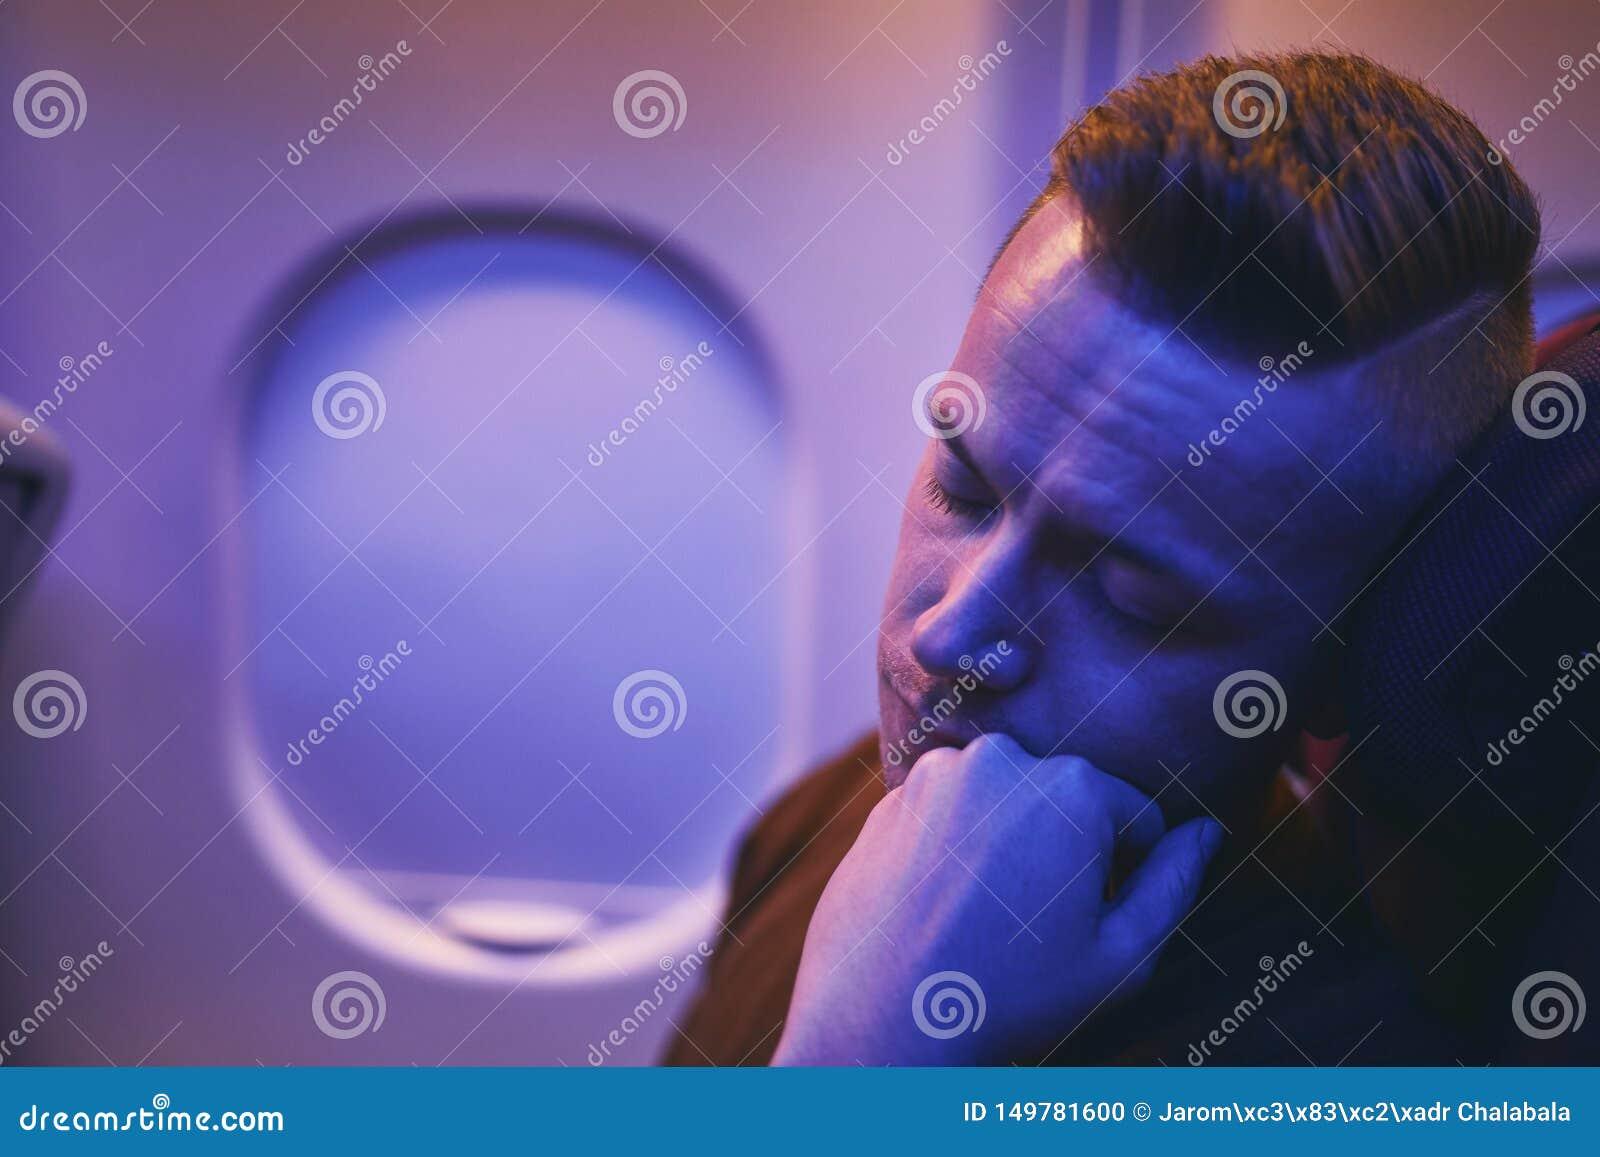 睡觉在夜间飞行期间的乘客